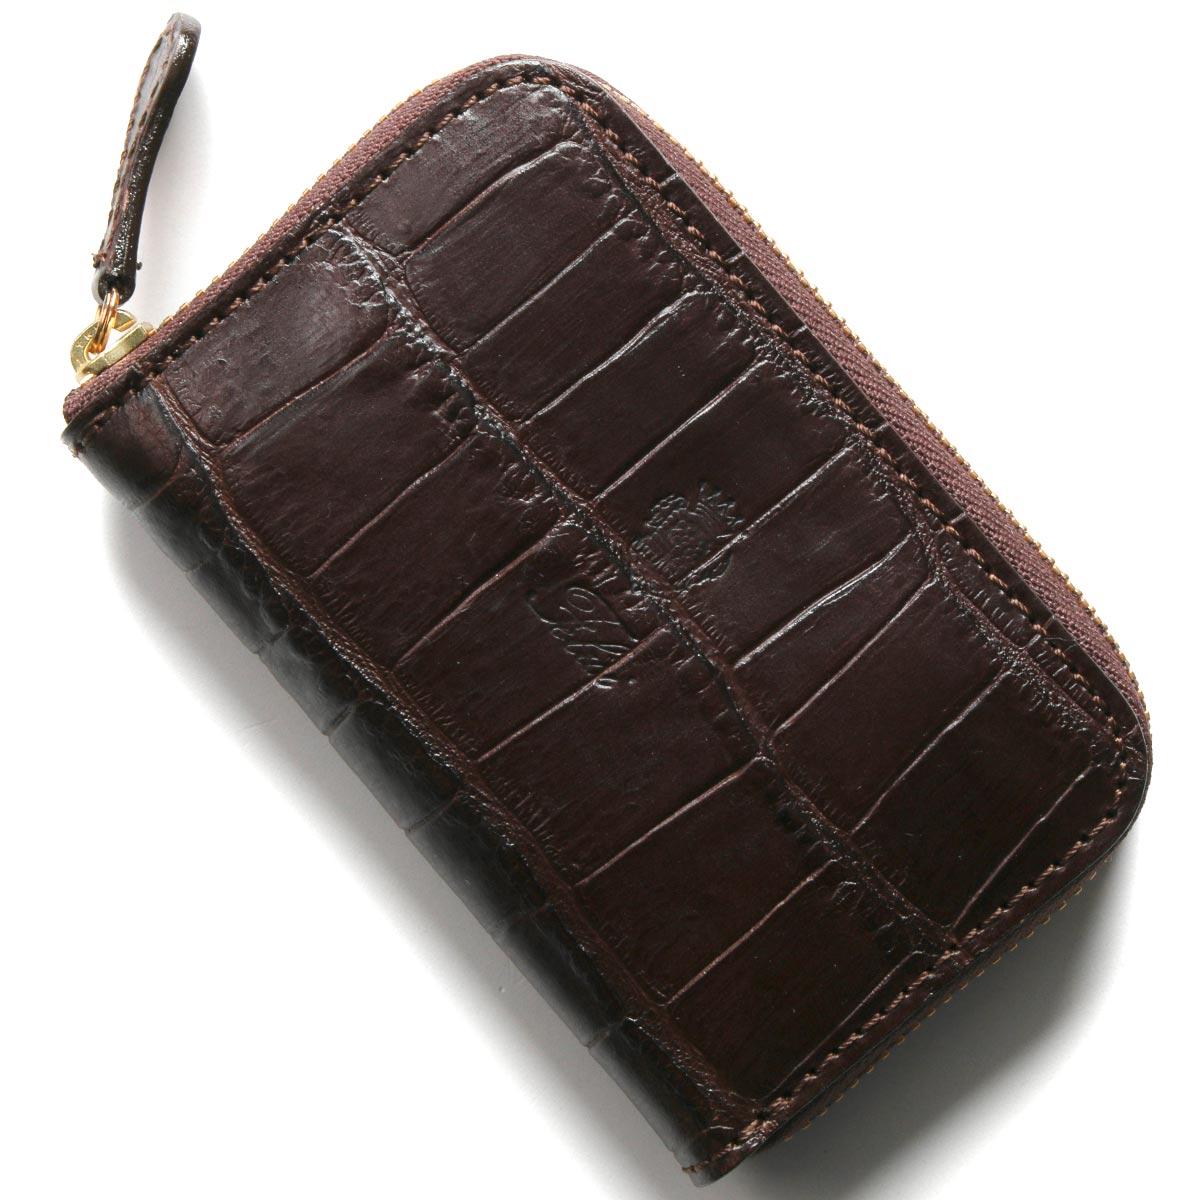 フェリージ コインケース【小銭入れ】 財布 メンズ クロコ型押し モロダークブラウン 905 SA 0002 FELISI